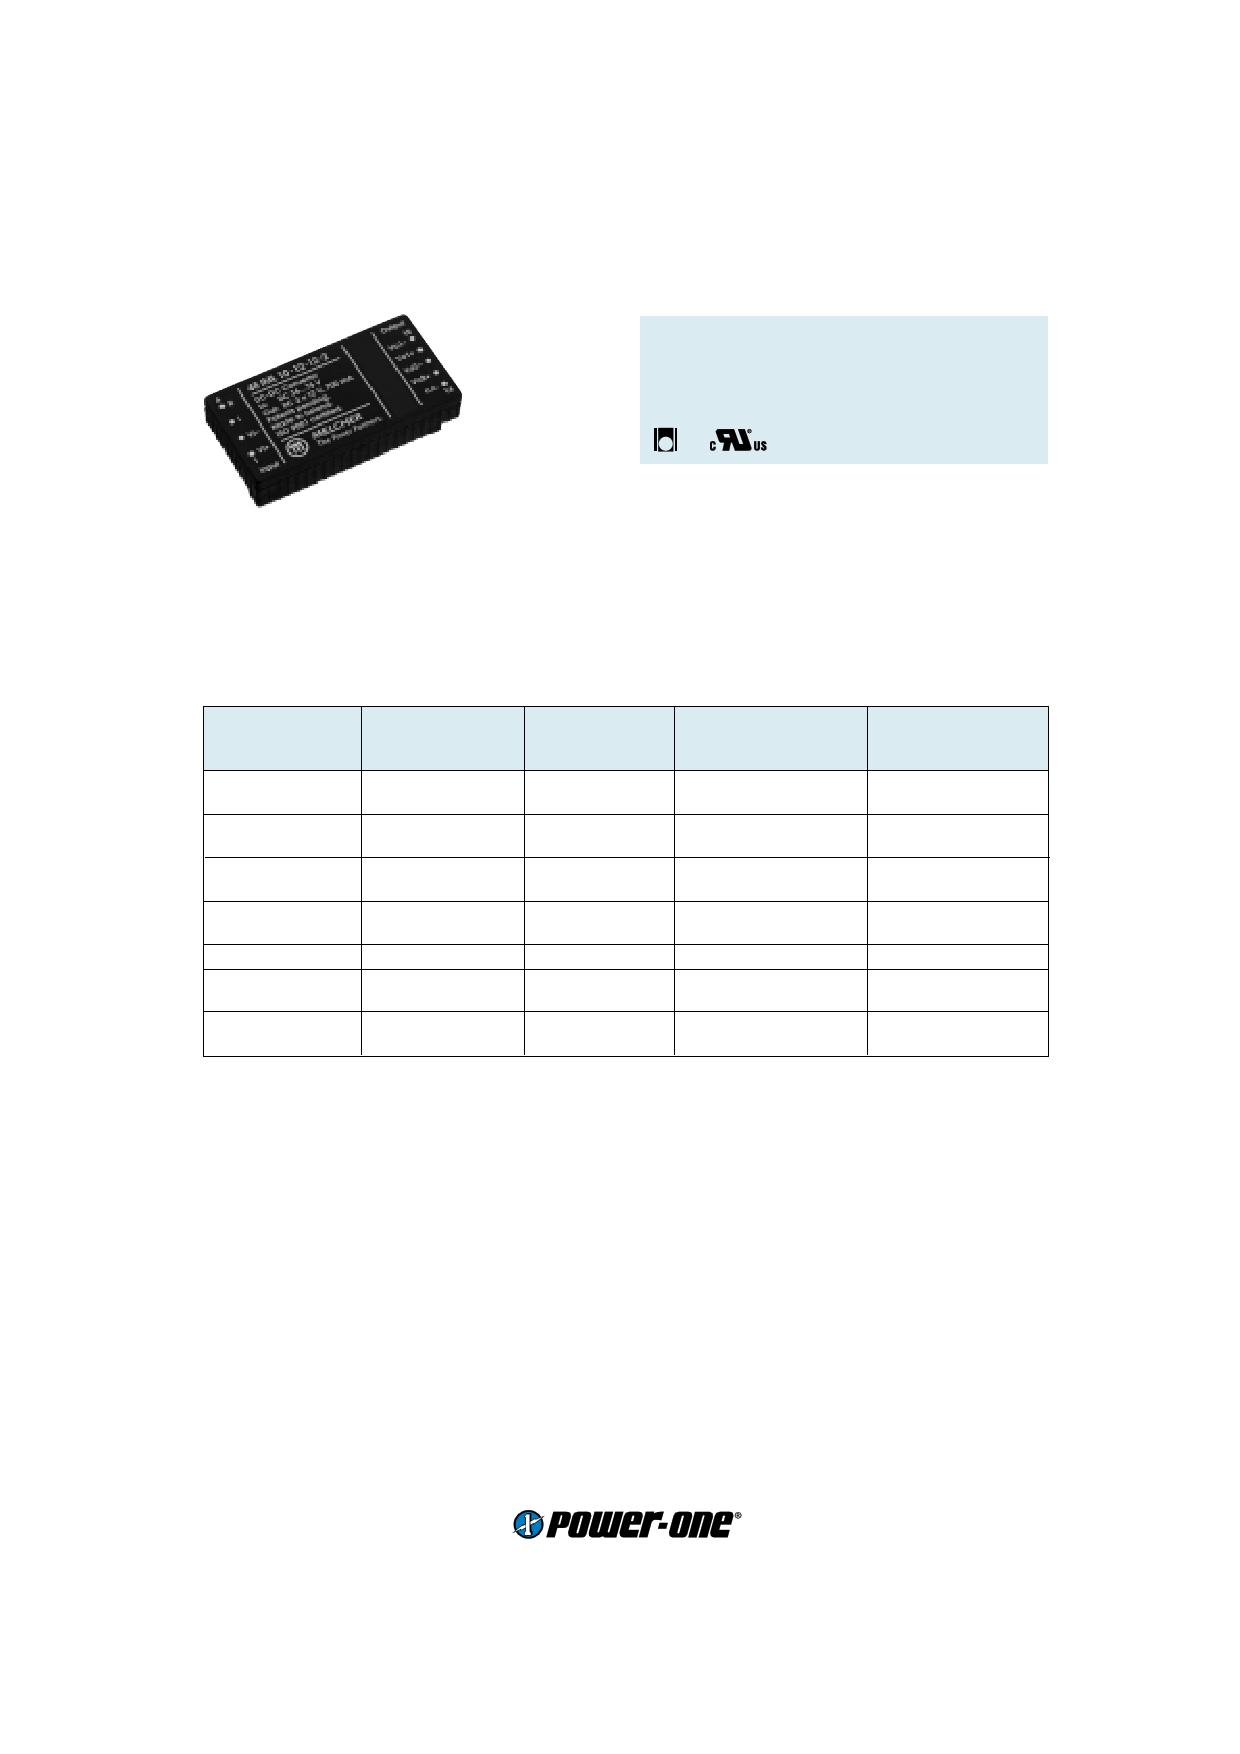 48IML10-0503-3 데이터시트 및 48IML10-0503-3 PDF